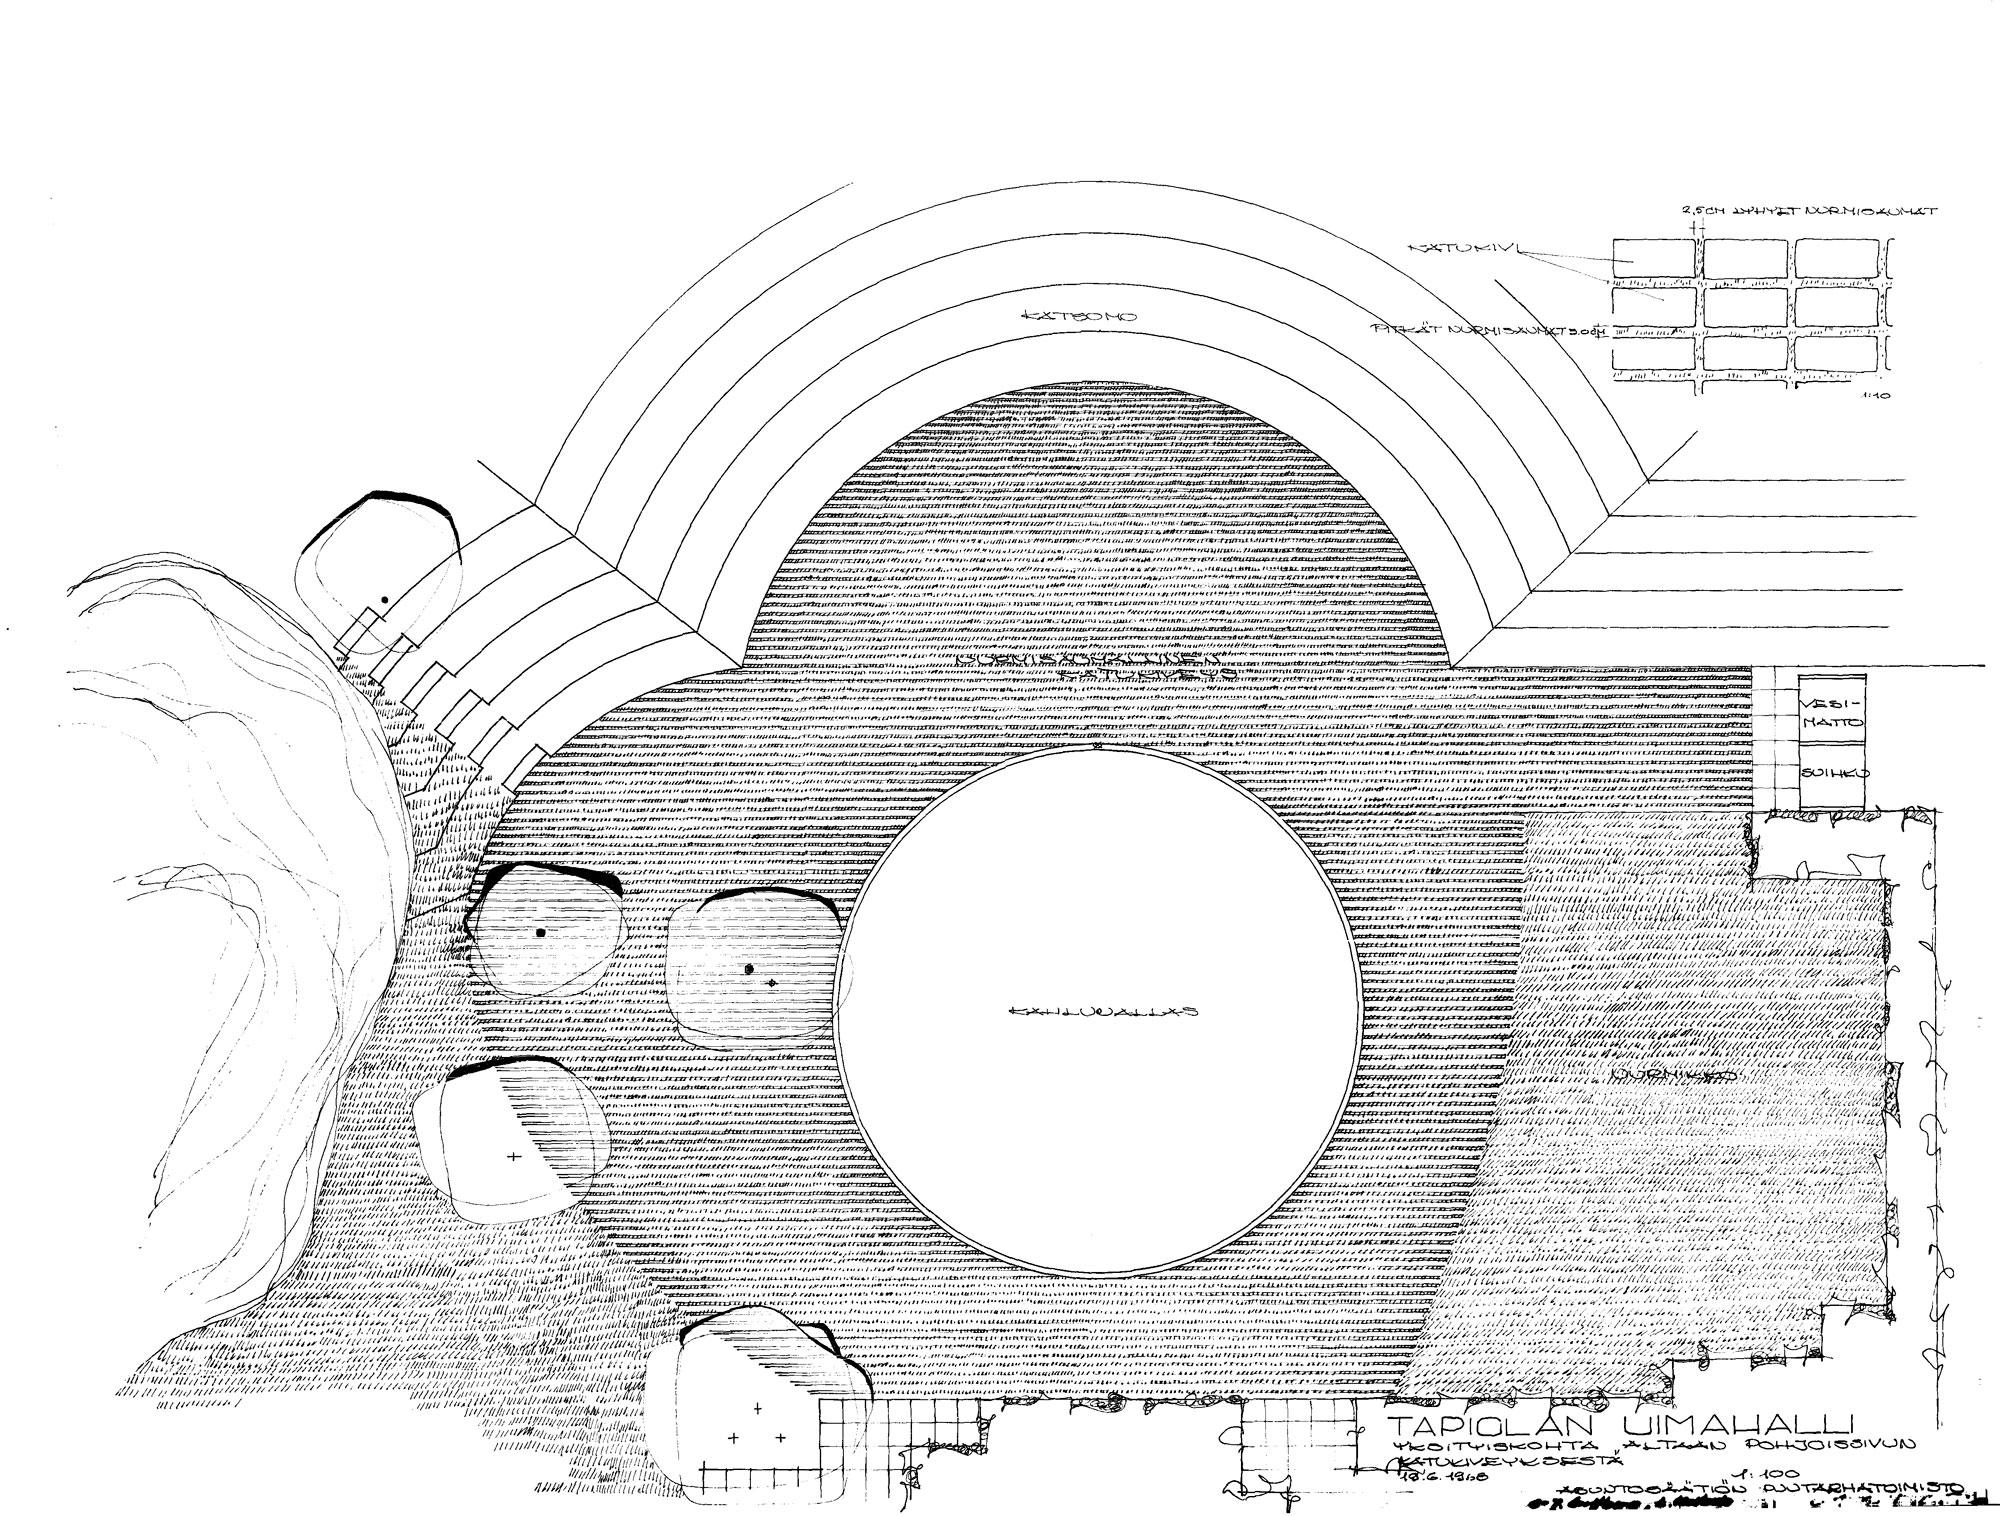 Tapiolan uimahalli, Asuntosäätiön puutarhatoimisto, C.J. Gottberg, L. Koskela